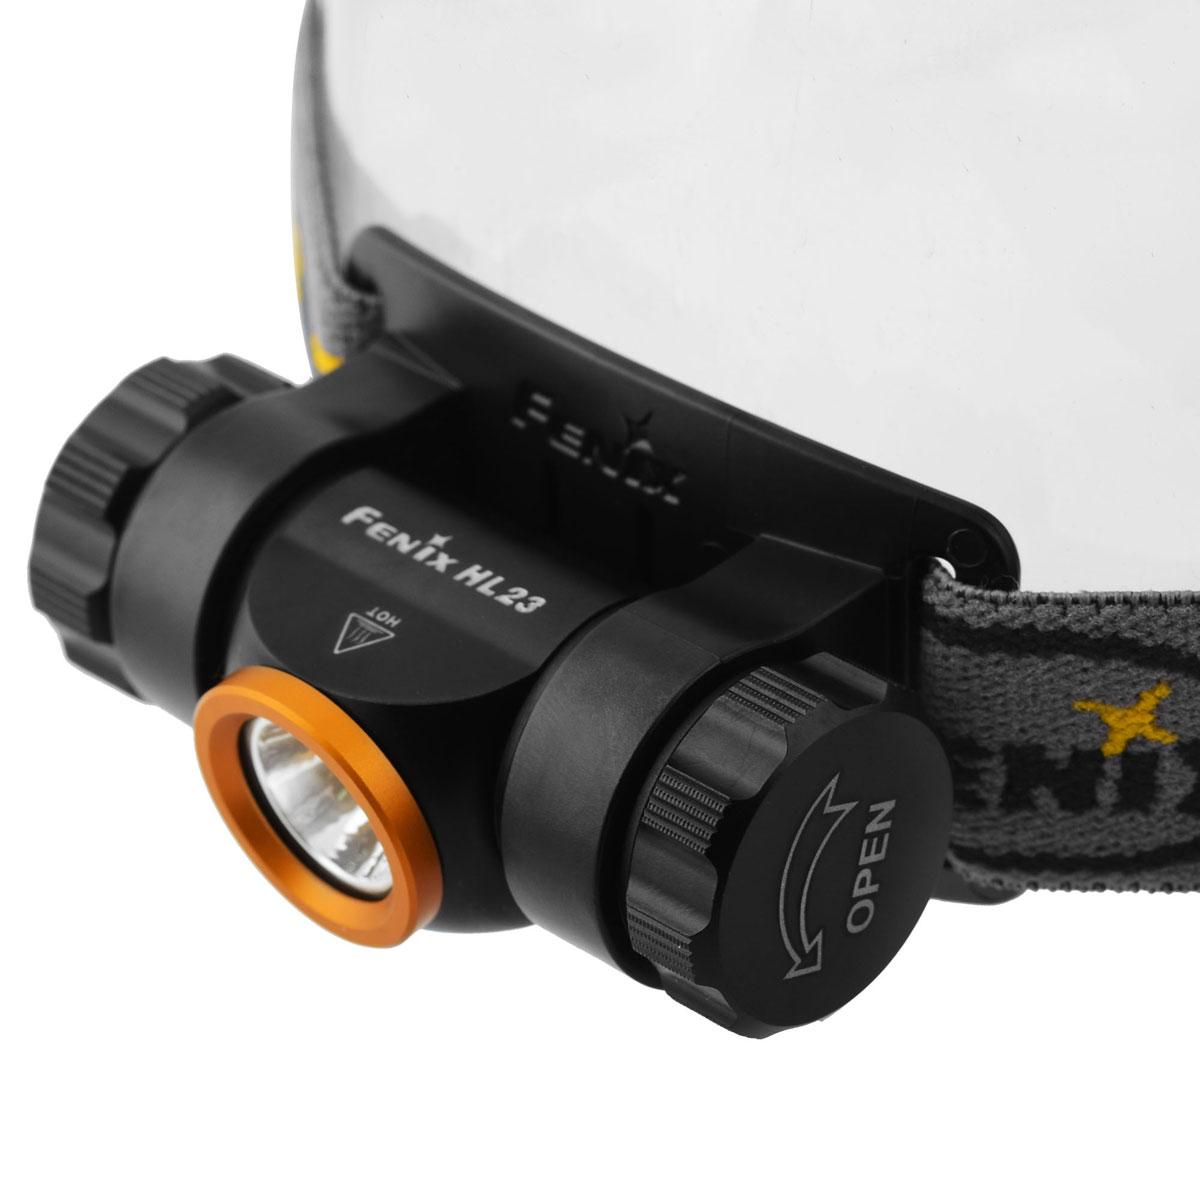 Фонарь налобный Fenix HL23 золотой usb перезаряжаемый высокой яркости ударопрочный фонарик дальнего света конвой sos факел мощный самозащита 18650 батареи